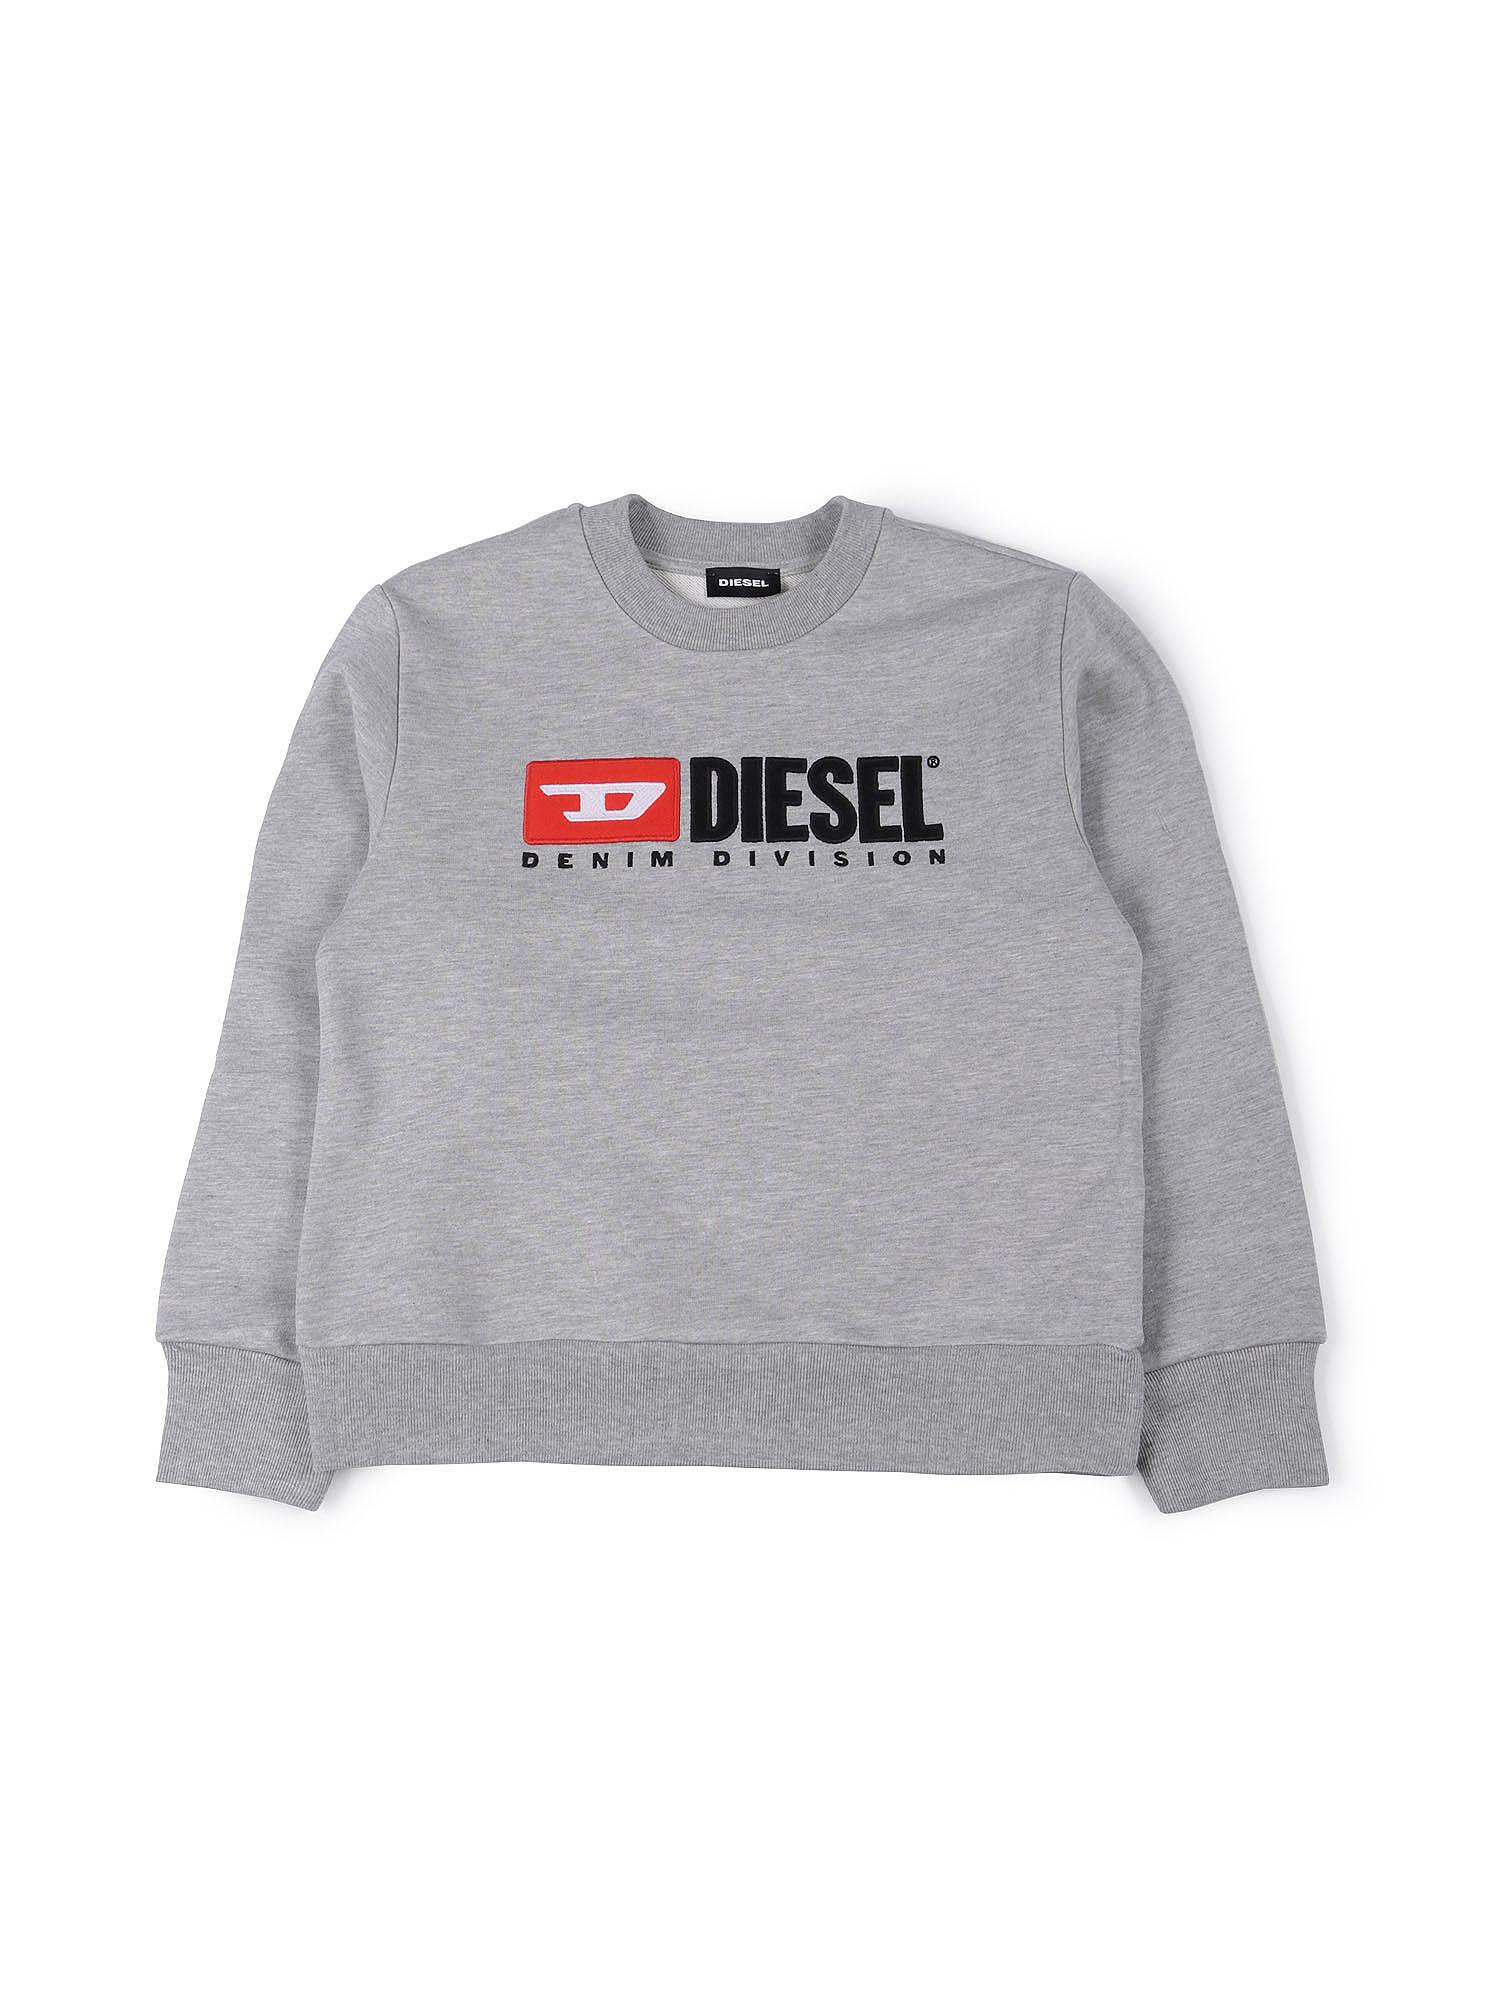 Screwdivision Over Felpa - Diesel Kid